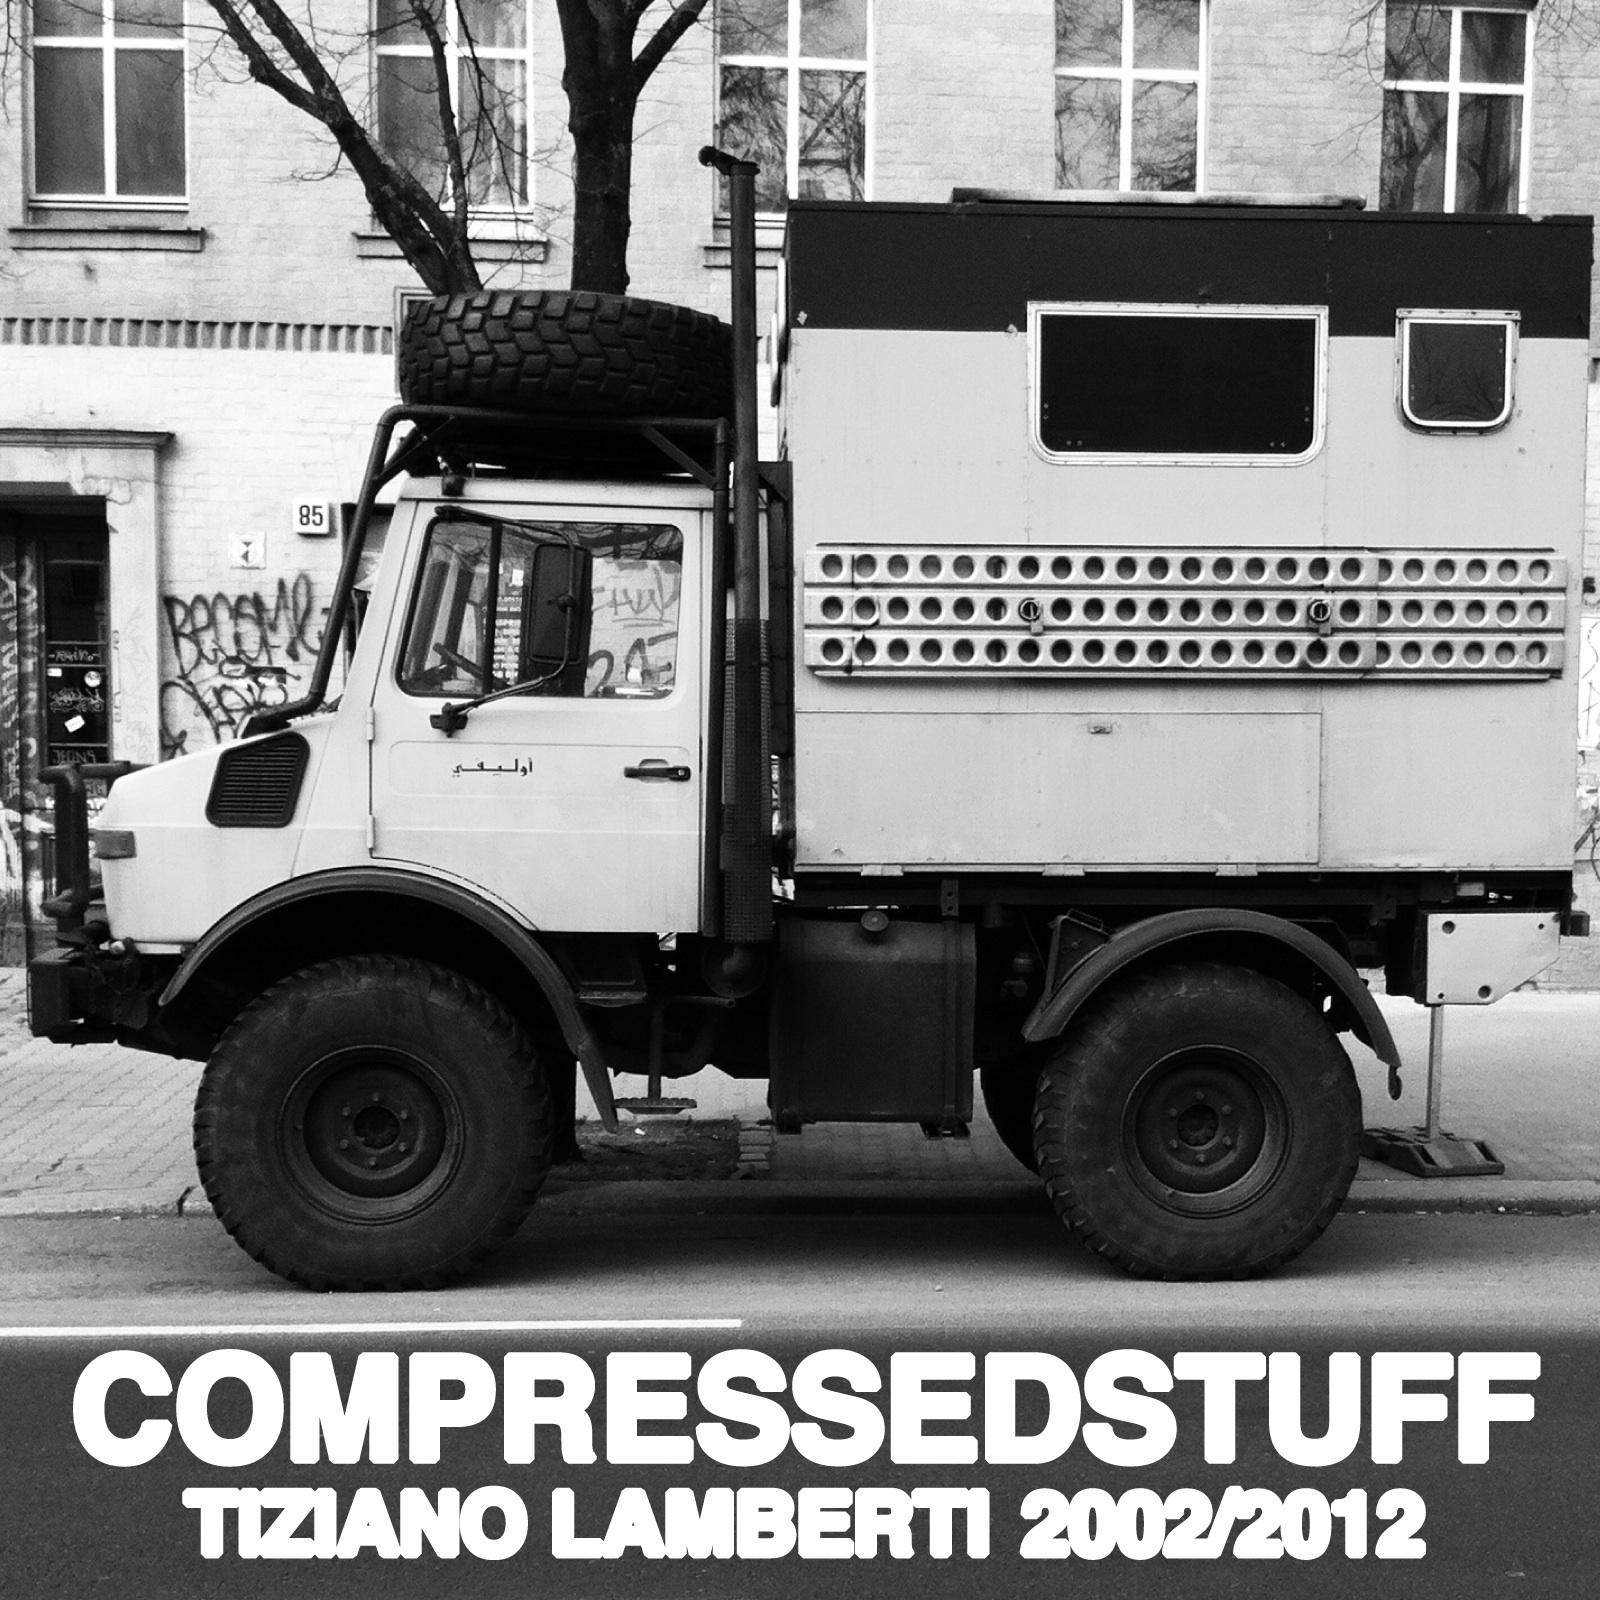 Tiziano Lamberti – COMPRESSED STUFF 2002/2012